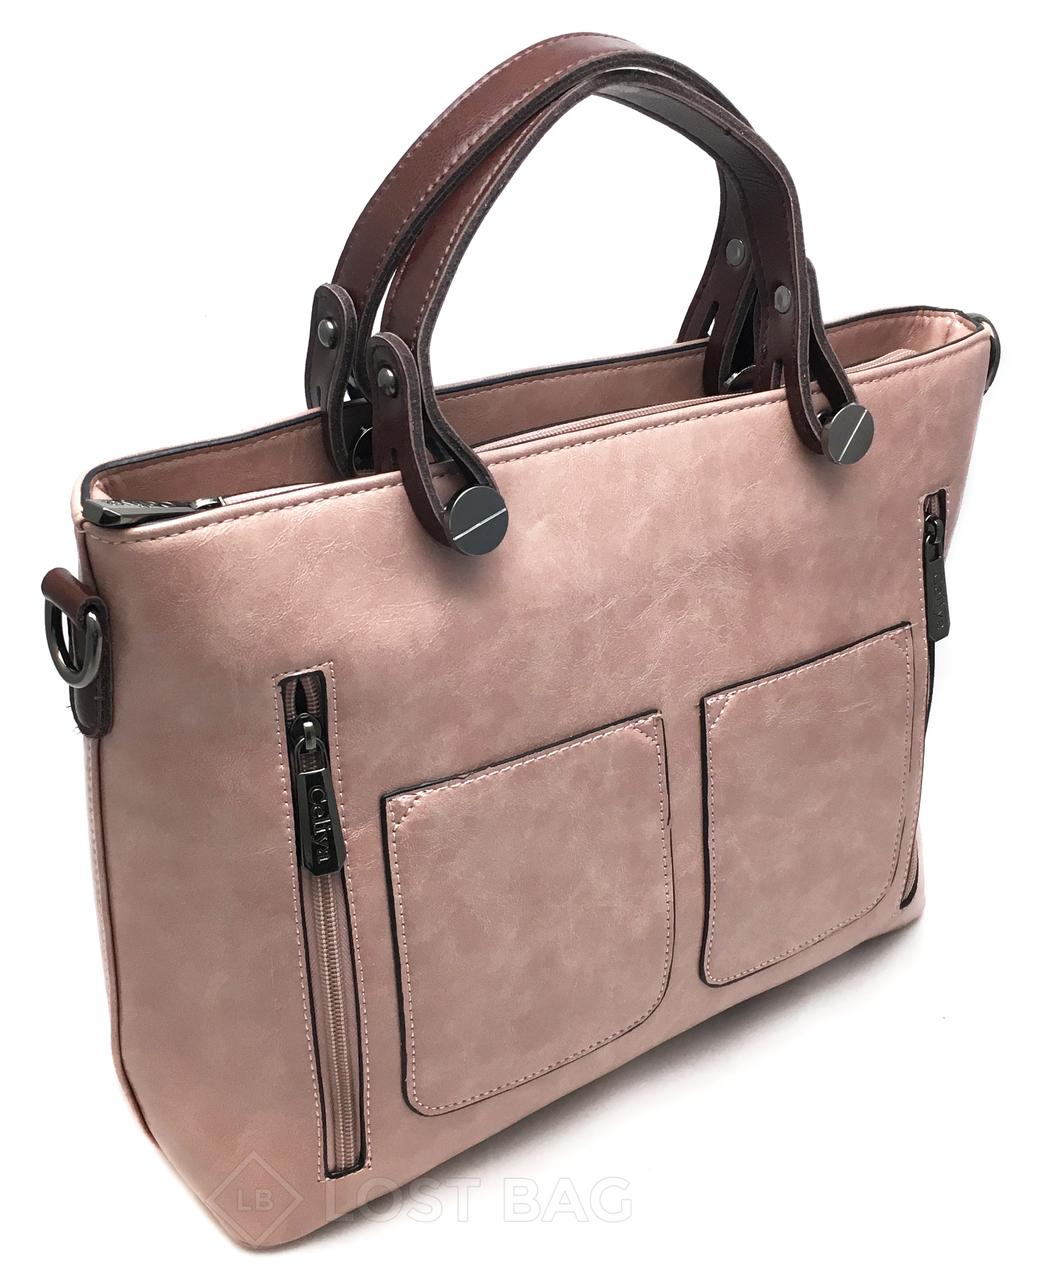 Женская сумка реплика Виктории Бэкхем